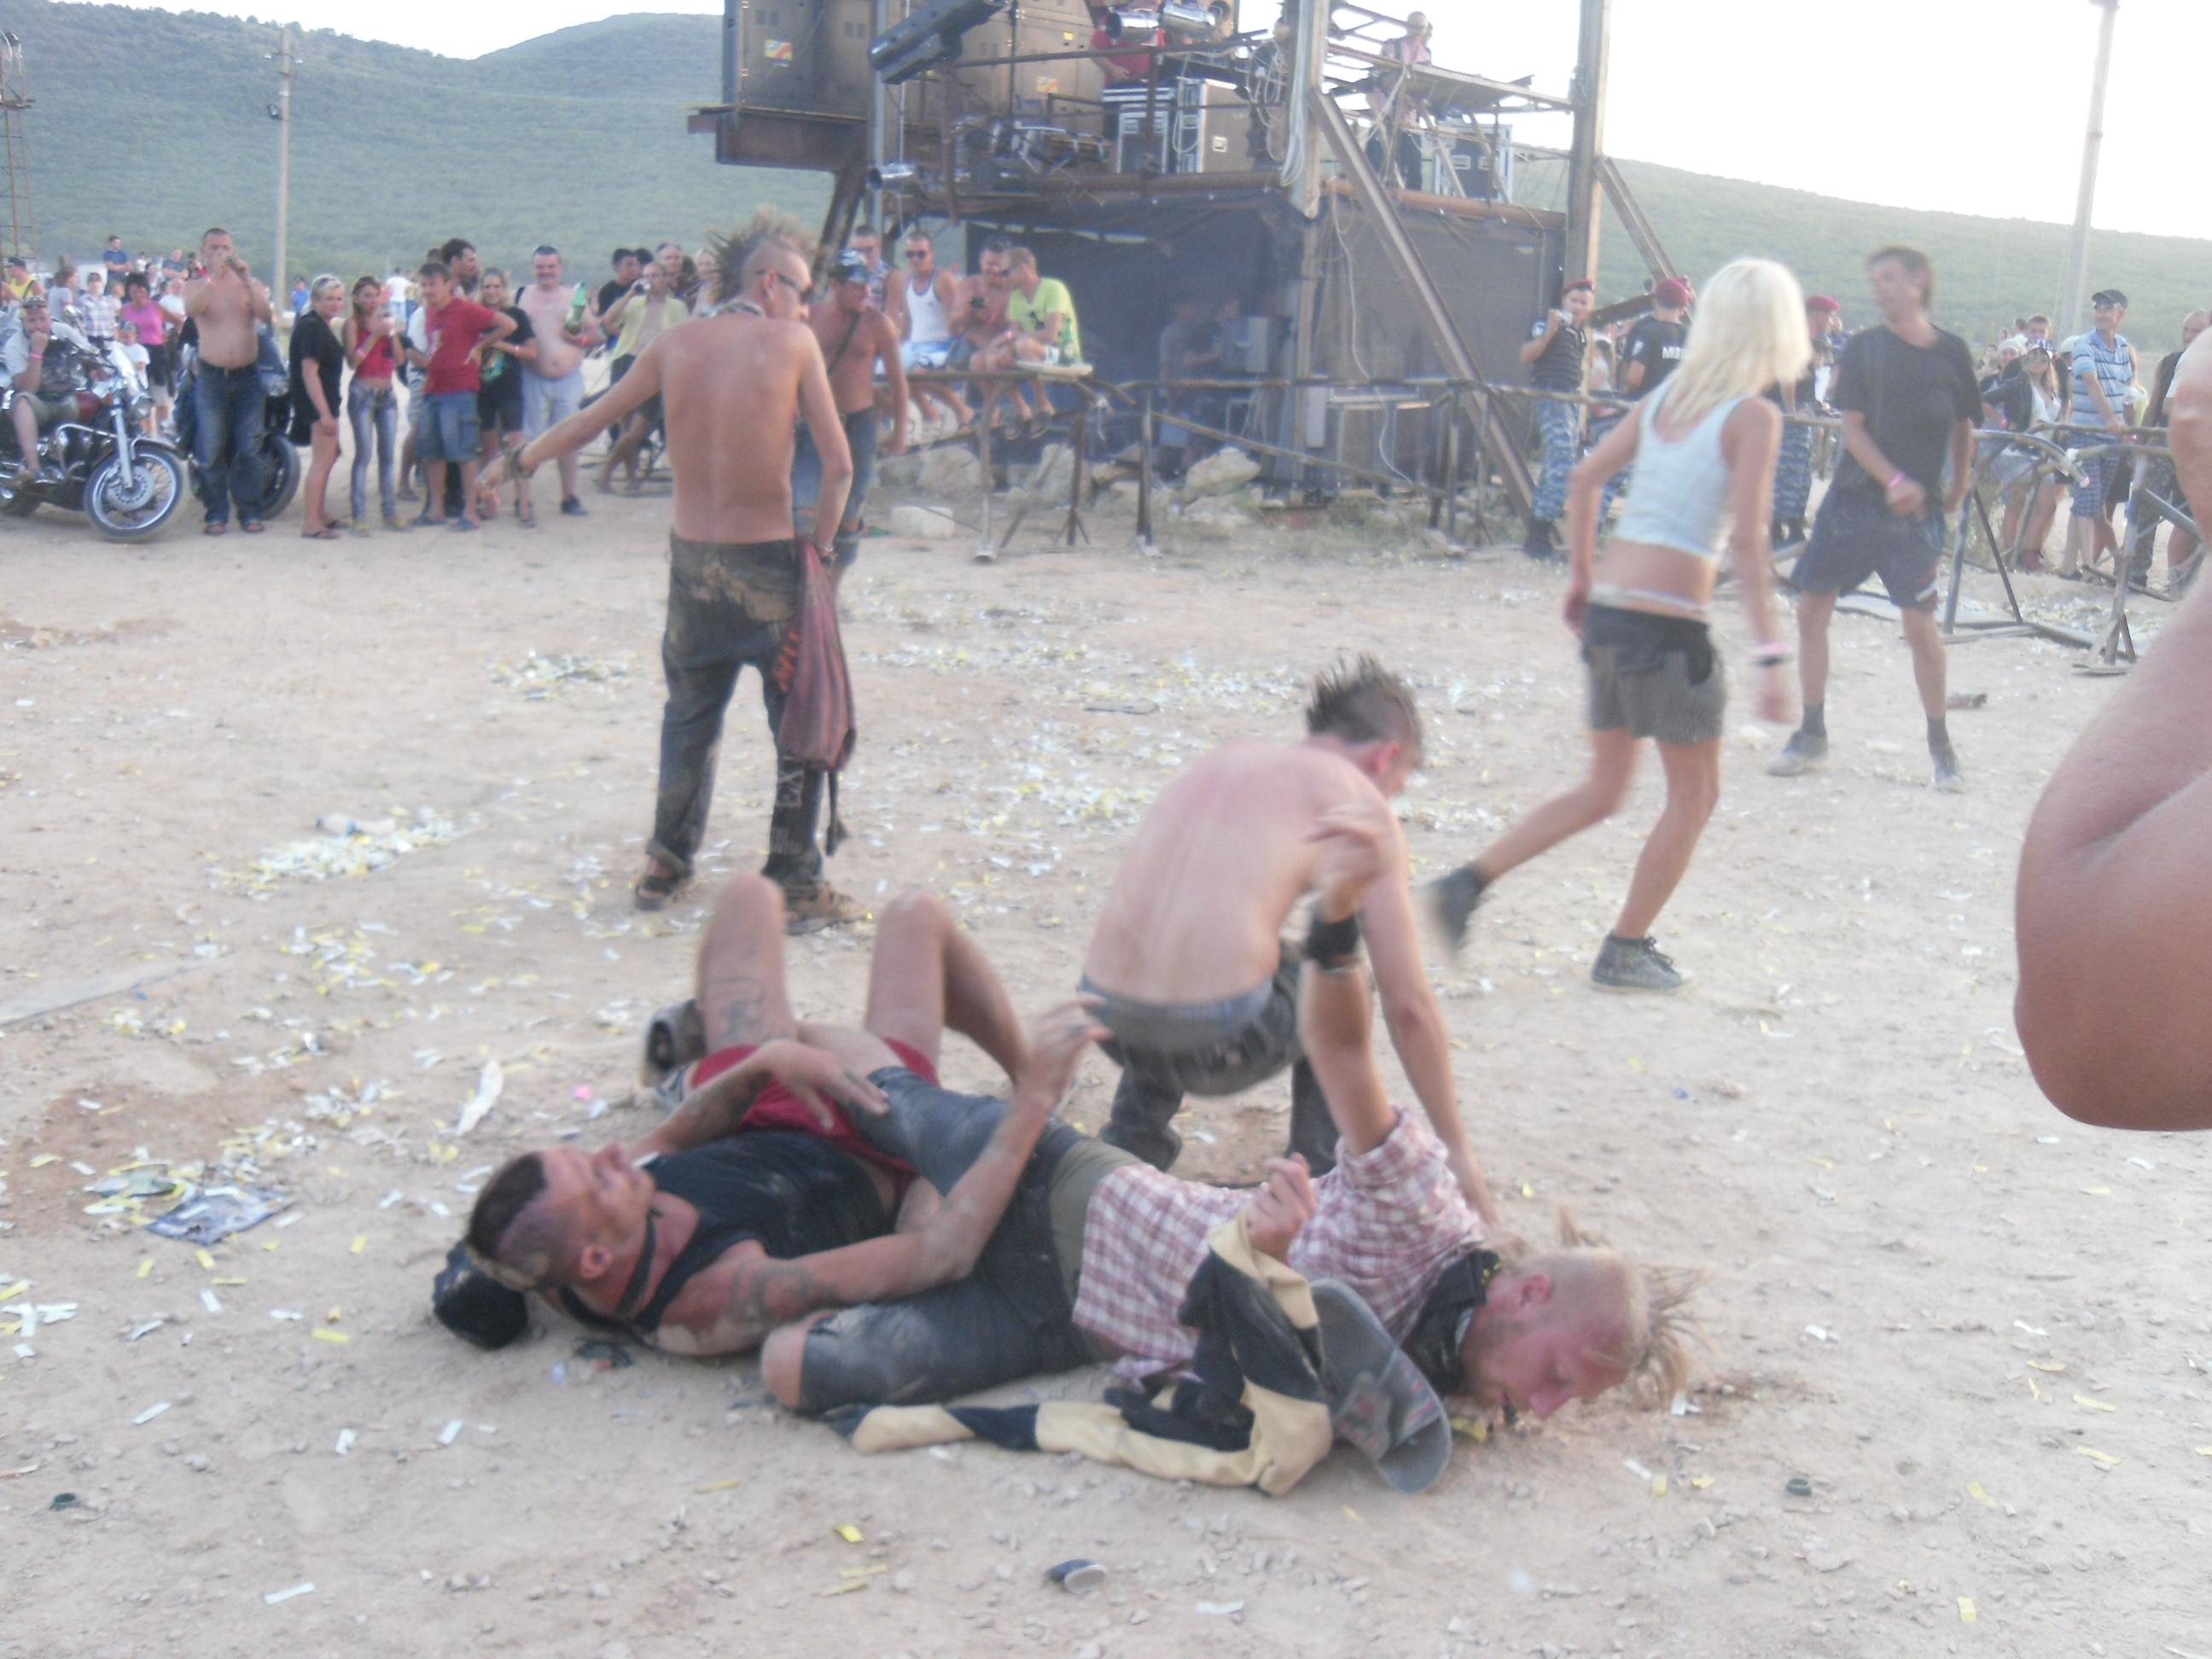 Фото пьяных боп 13 фотография